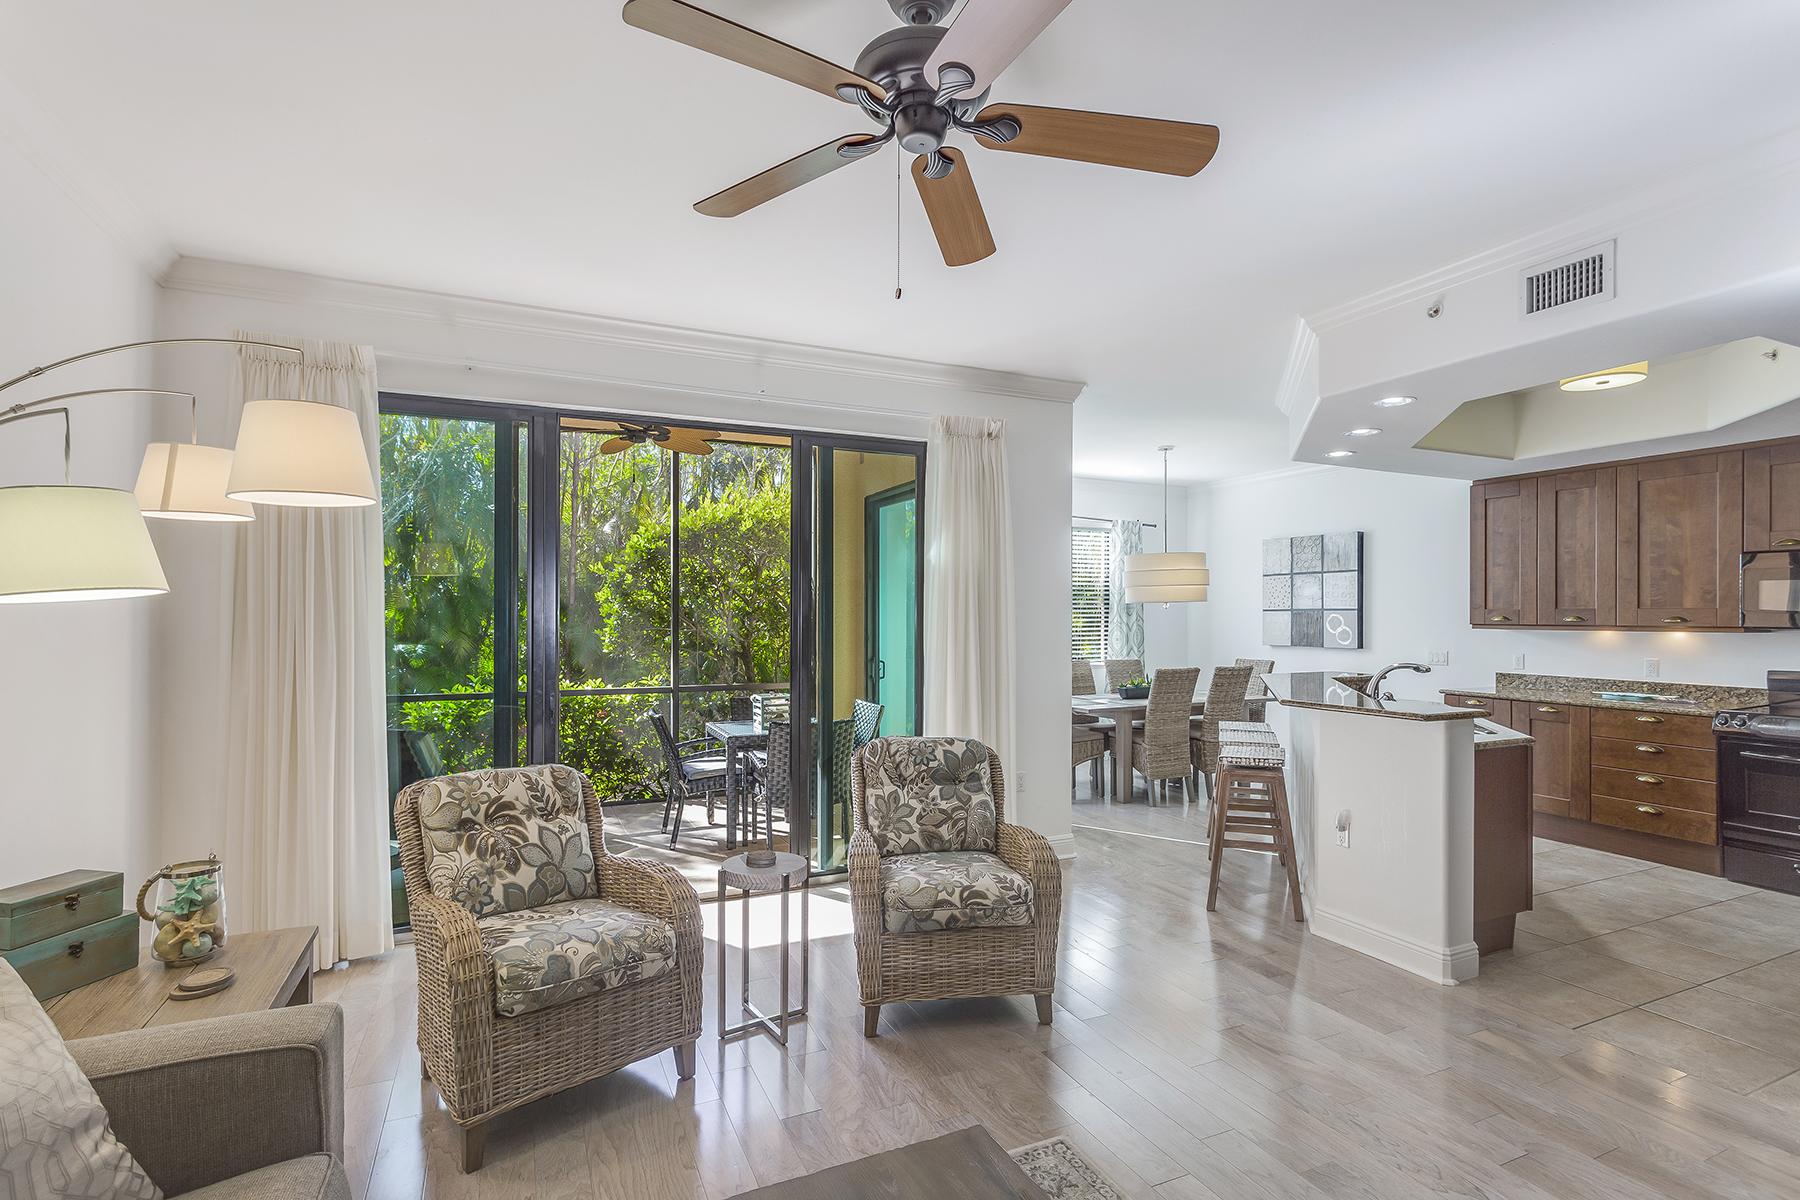 Condominium for Sale at NAPLES BAY RESORT 1045 Sandpiper St G-103, Naples, Florida 34102 United States